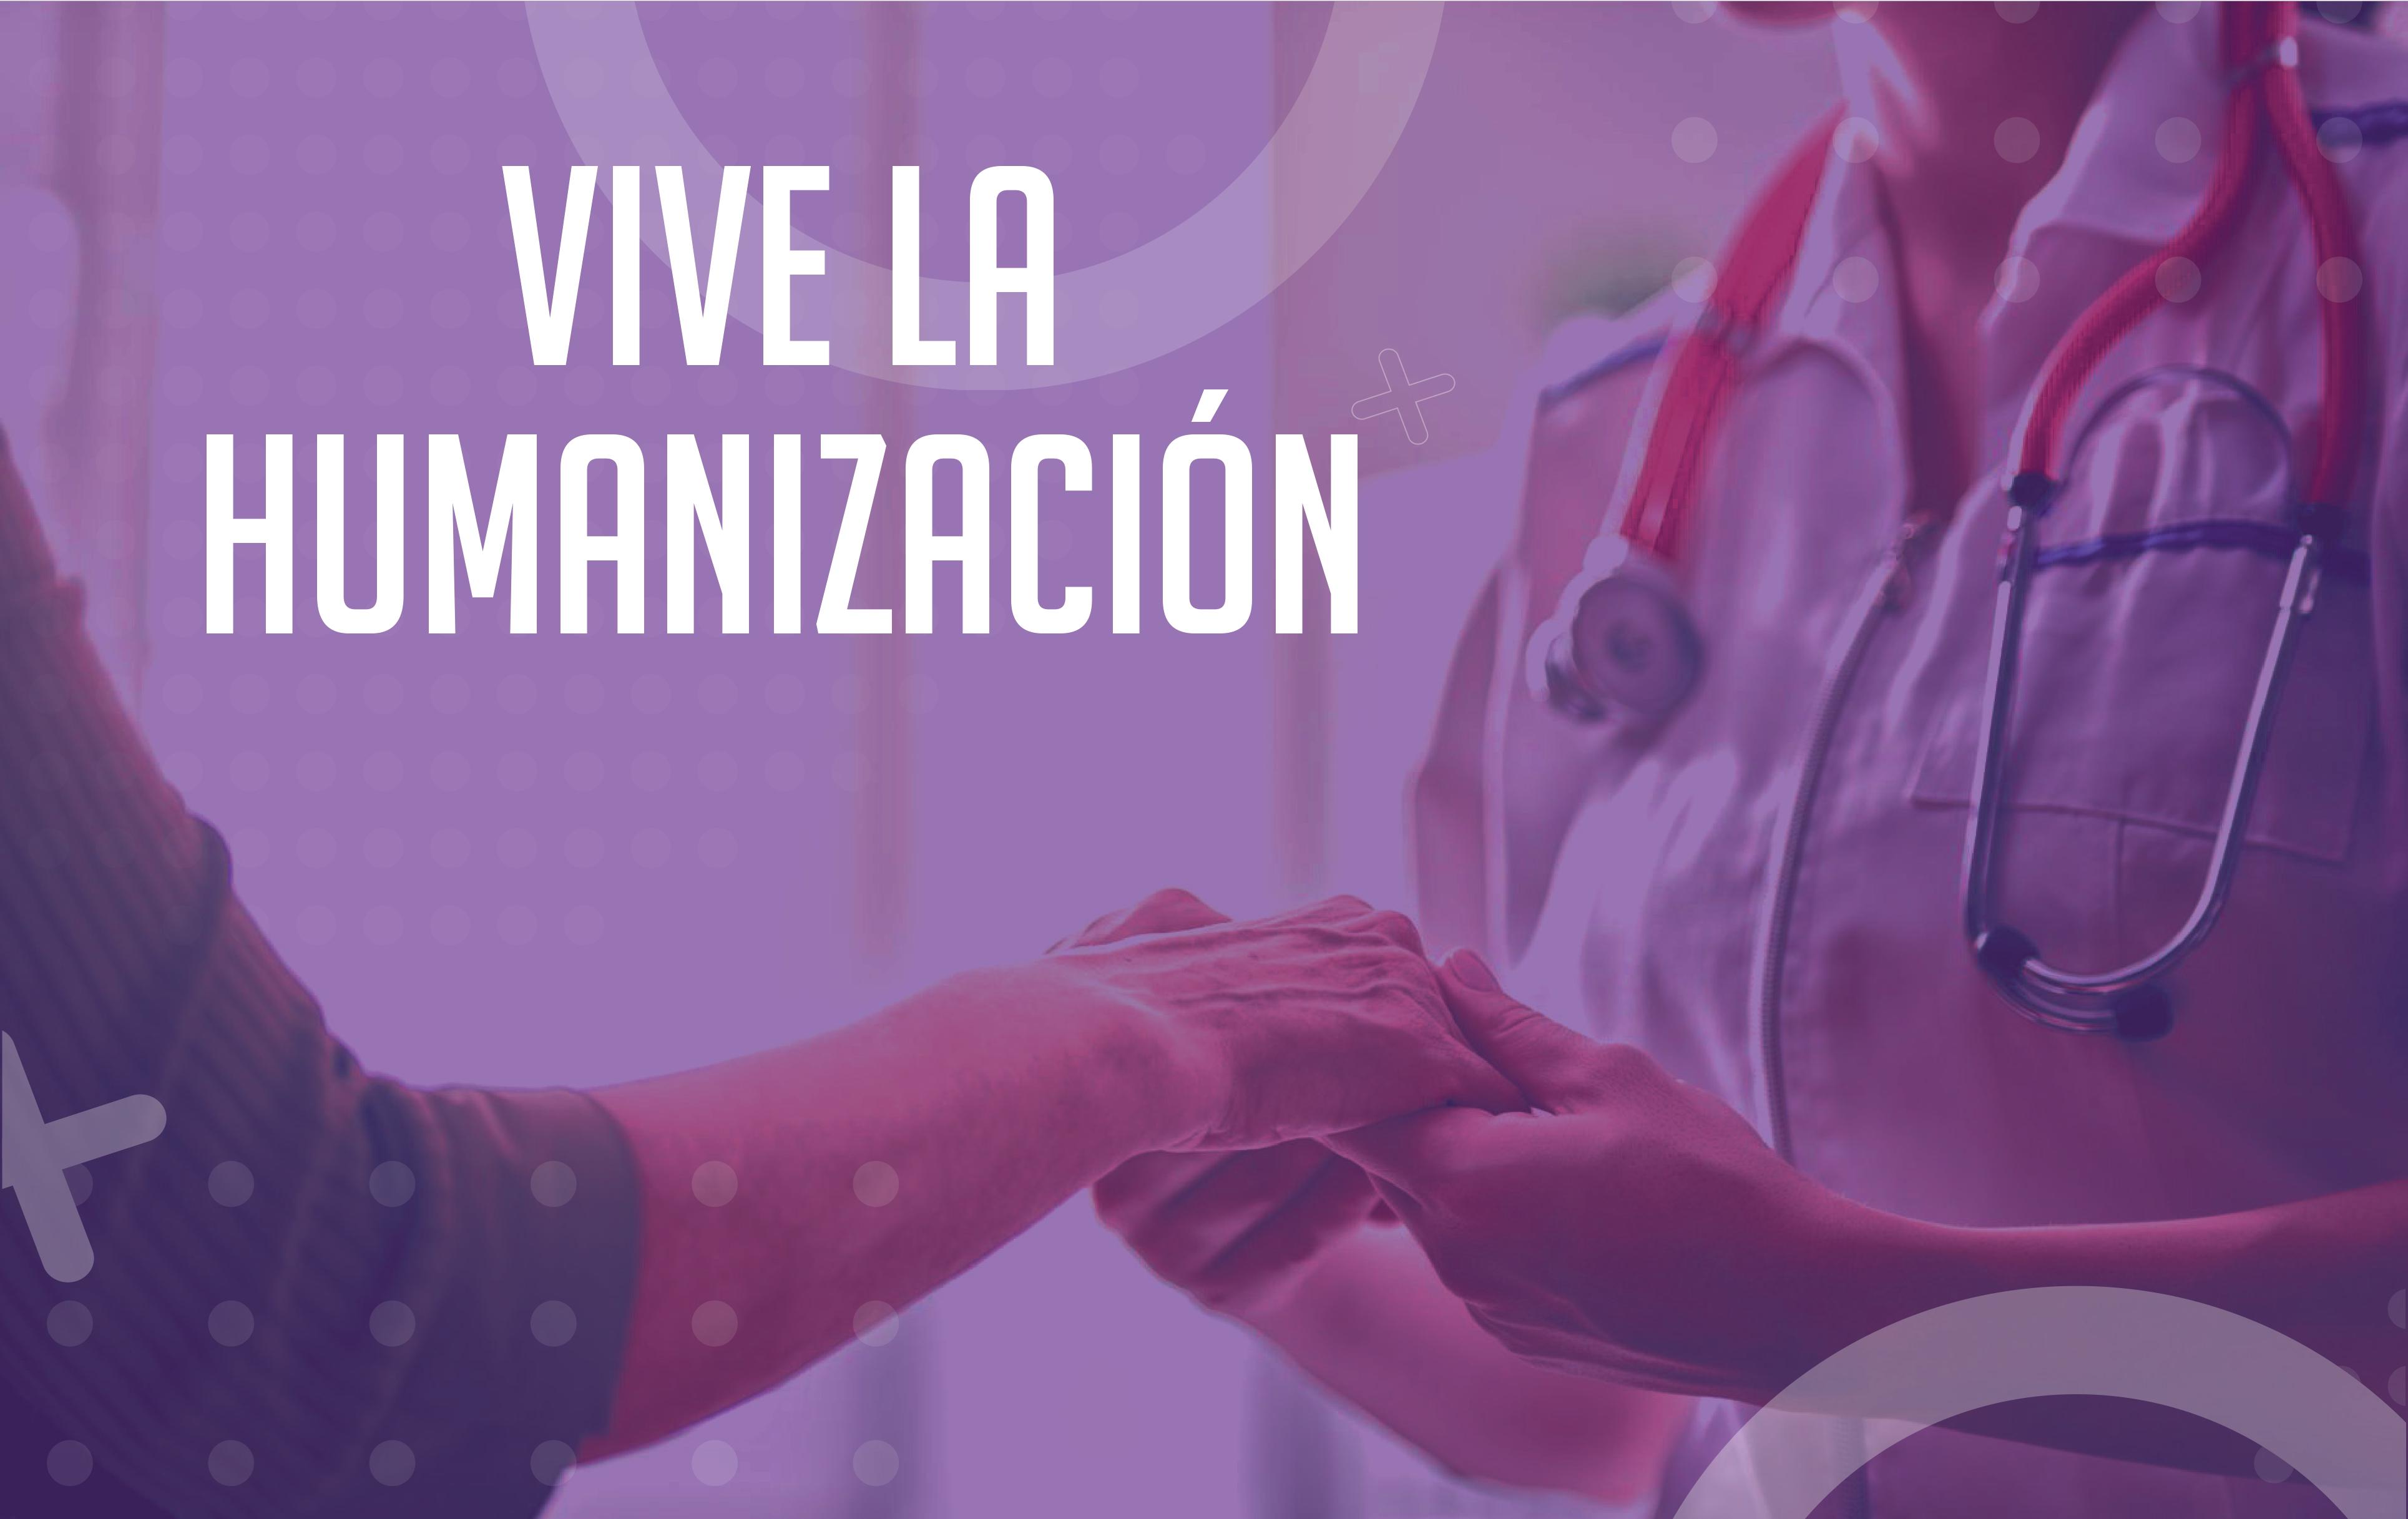 Vive la humanización